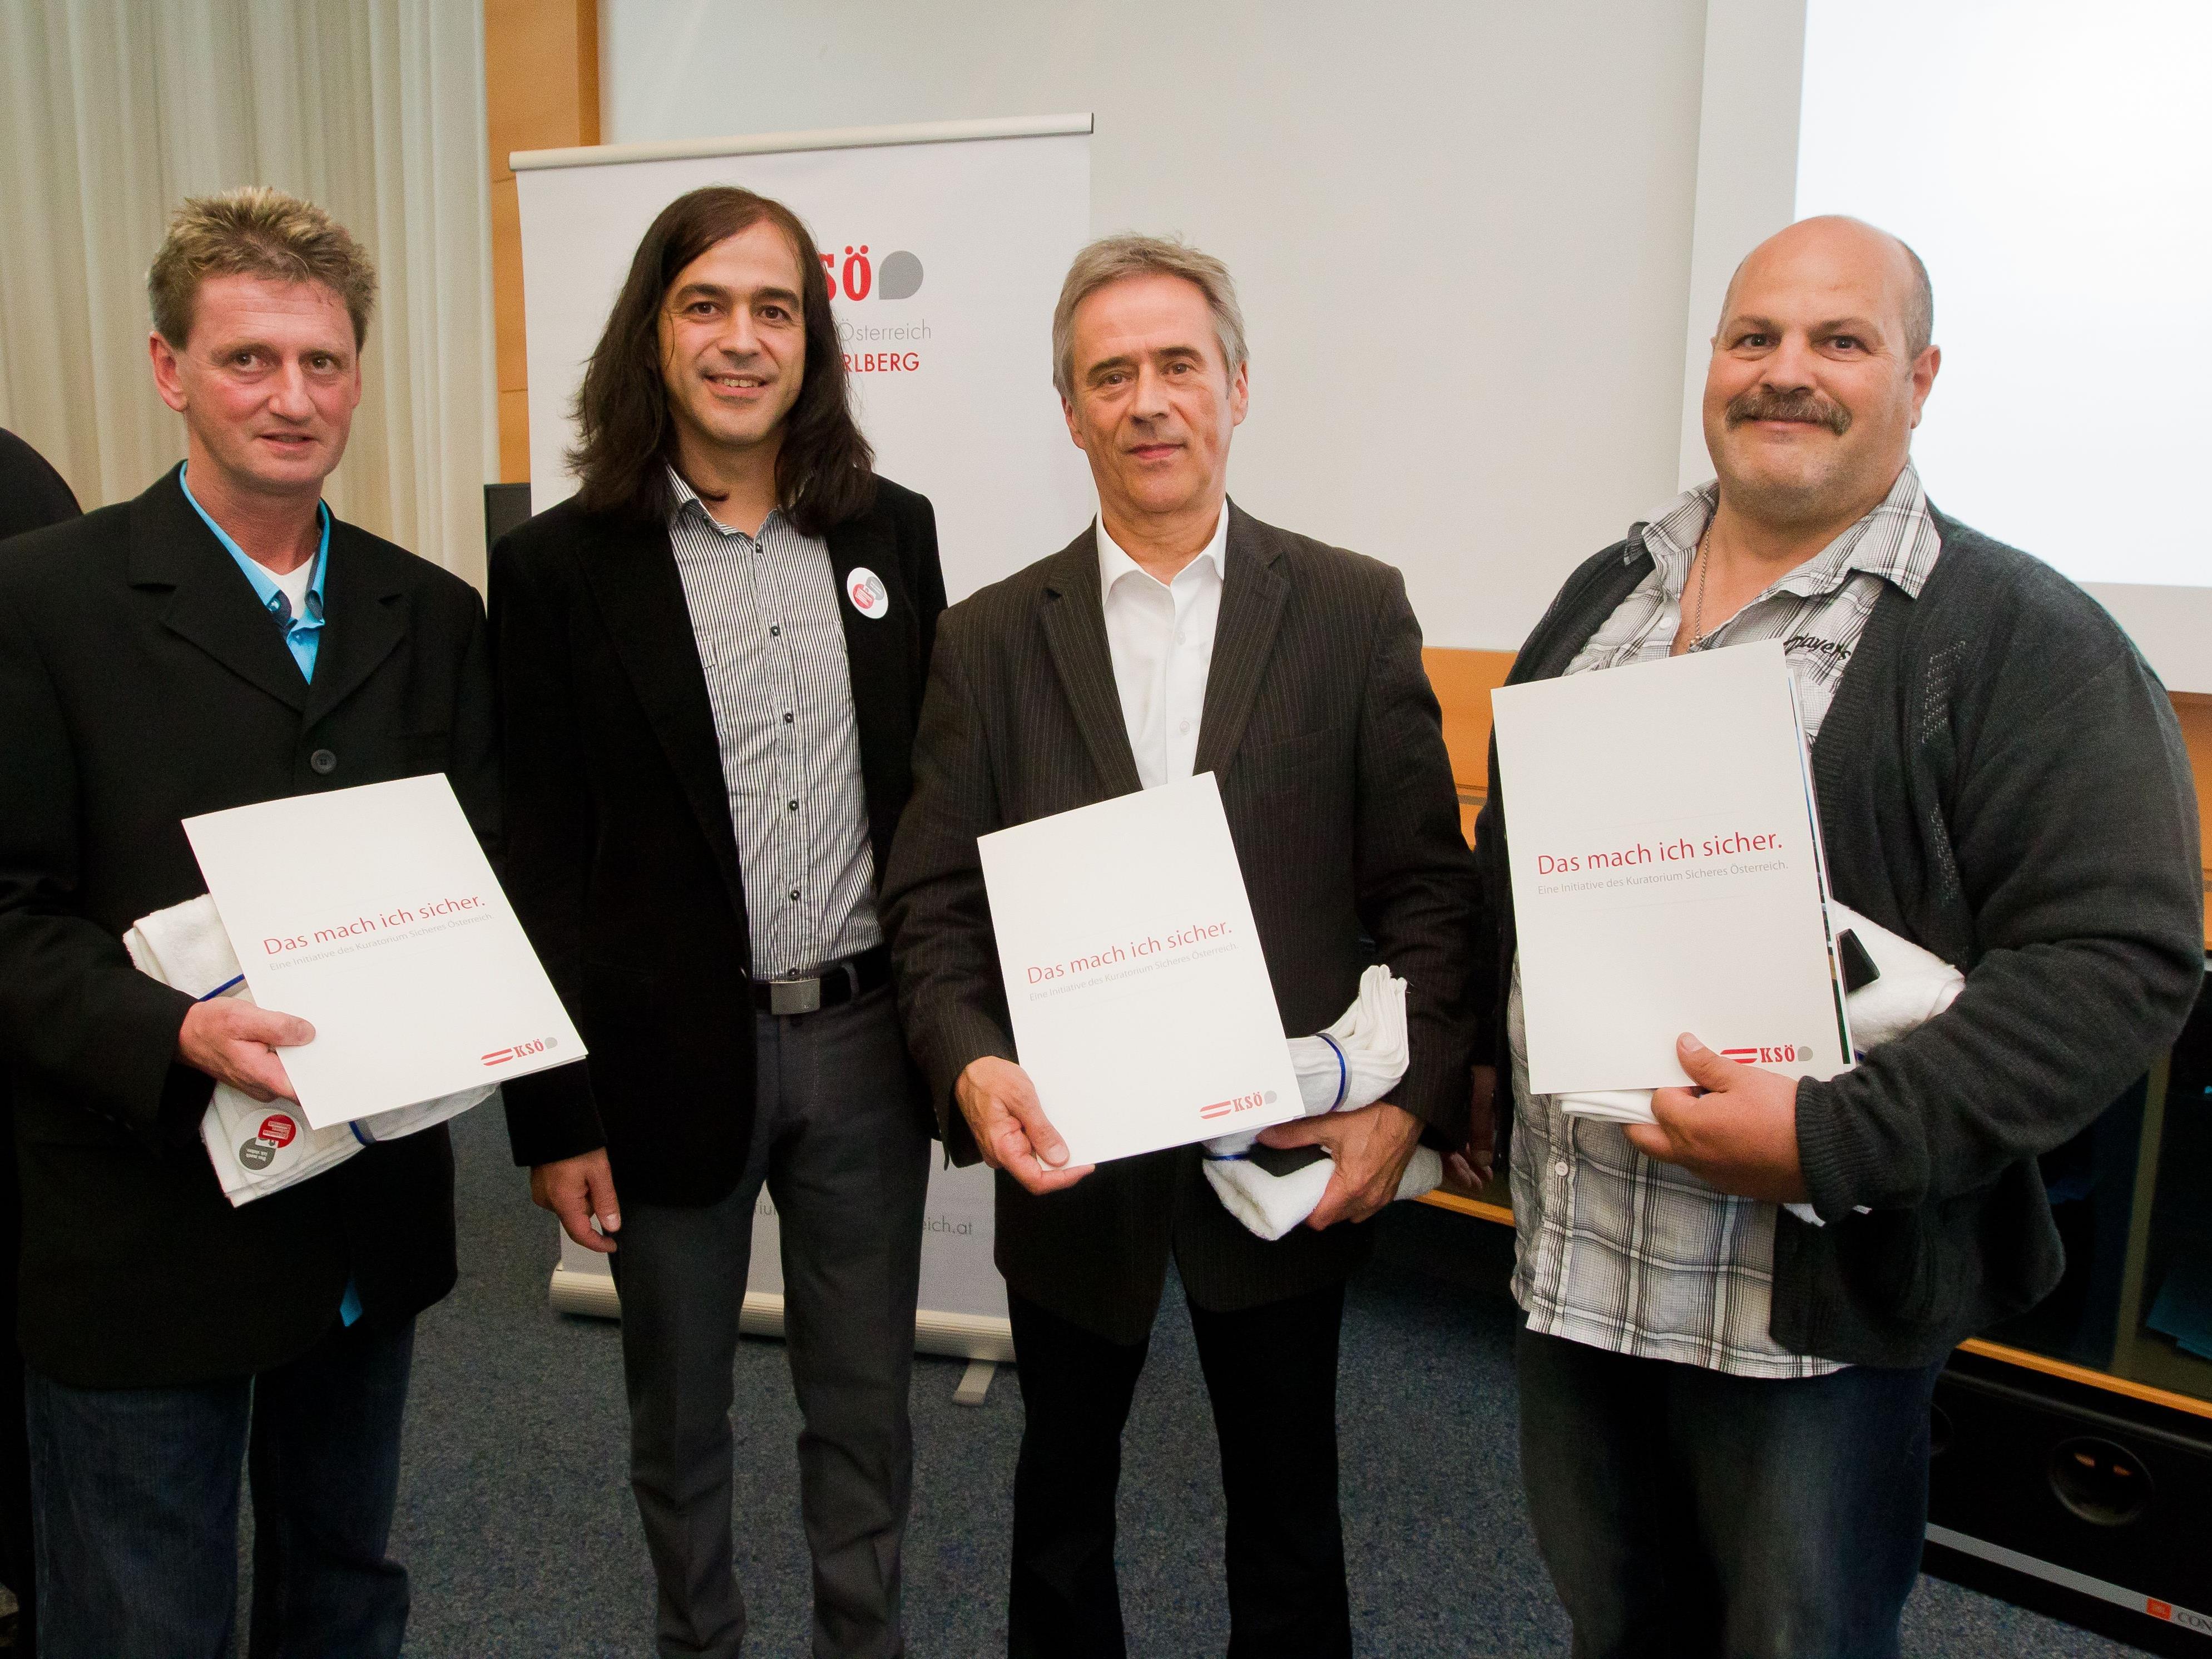 Der Sicherheitspreis des KSÖ wurde in diesem Jahr im Medienhaus in Schwarzach überreicht.